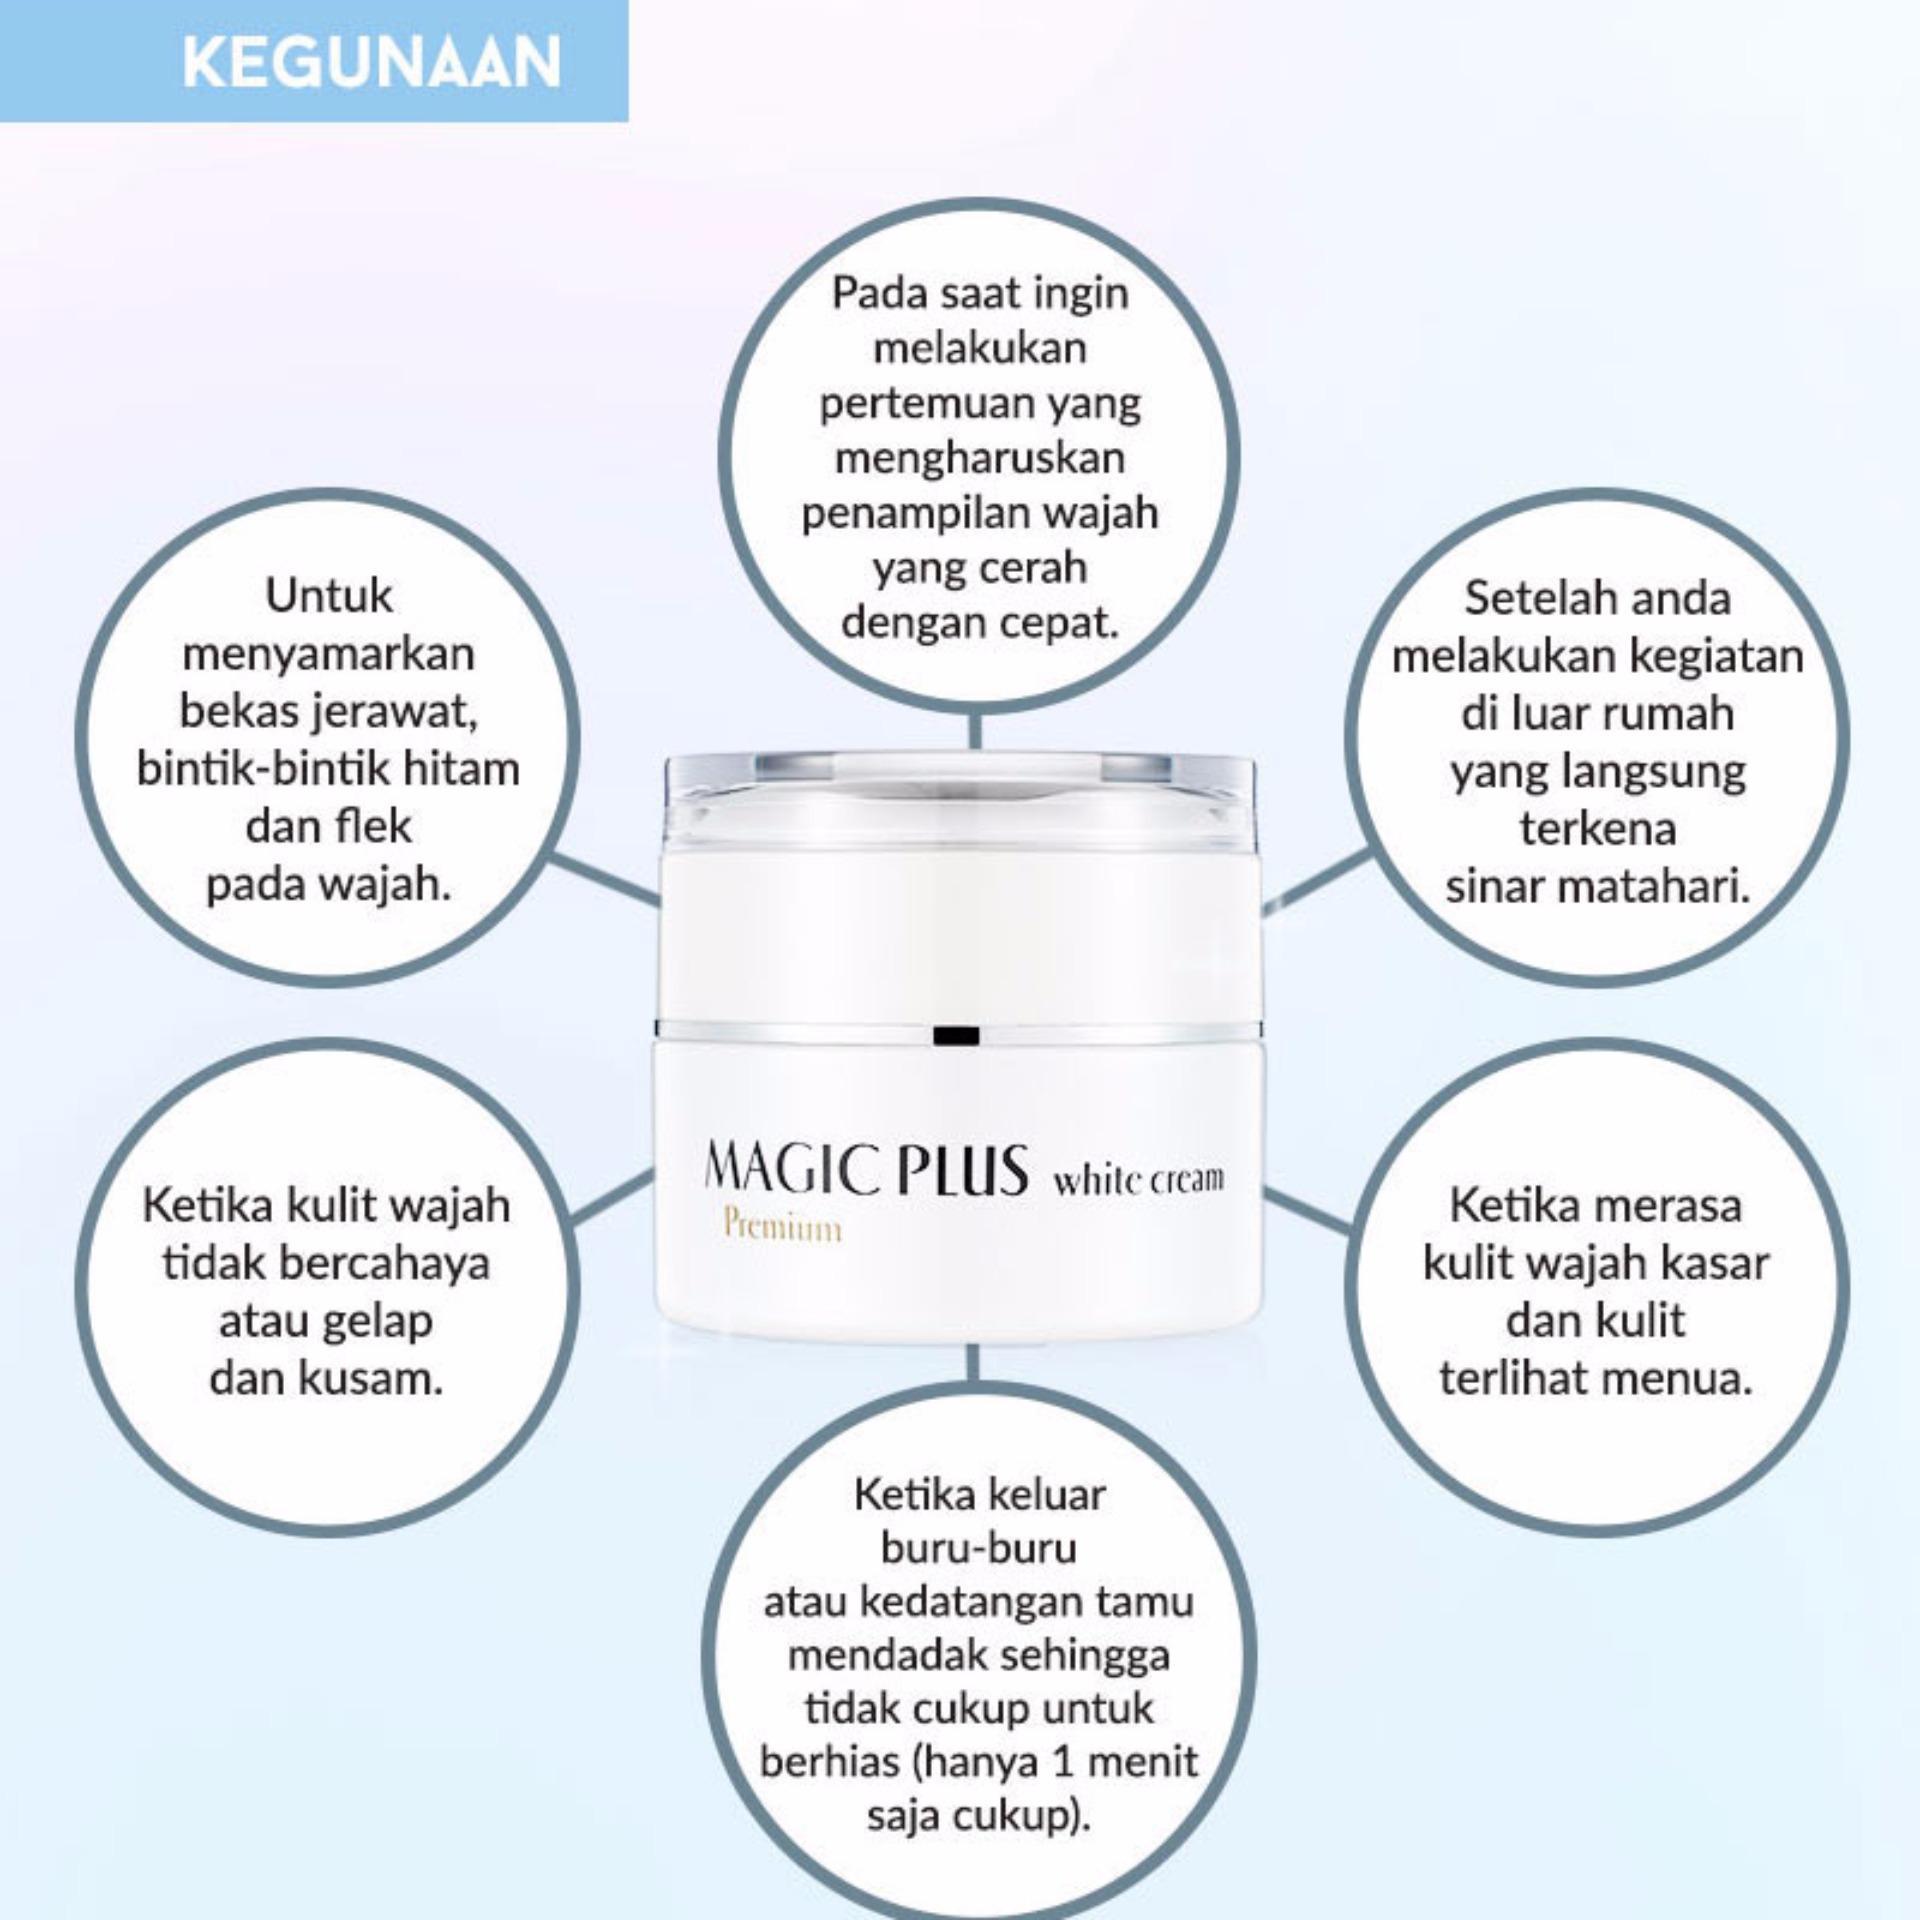 Magic Plus White Cream Asli Krim Korea Daftar Harga Terlengkap Premium 100 Original Lejel Home Shopping As Seen On Tv Pemutih Wajah Aman Kulit Halus Lembut Kencang